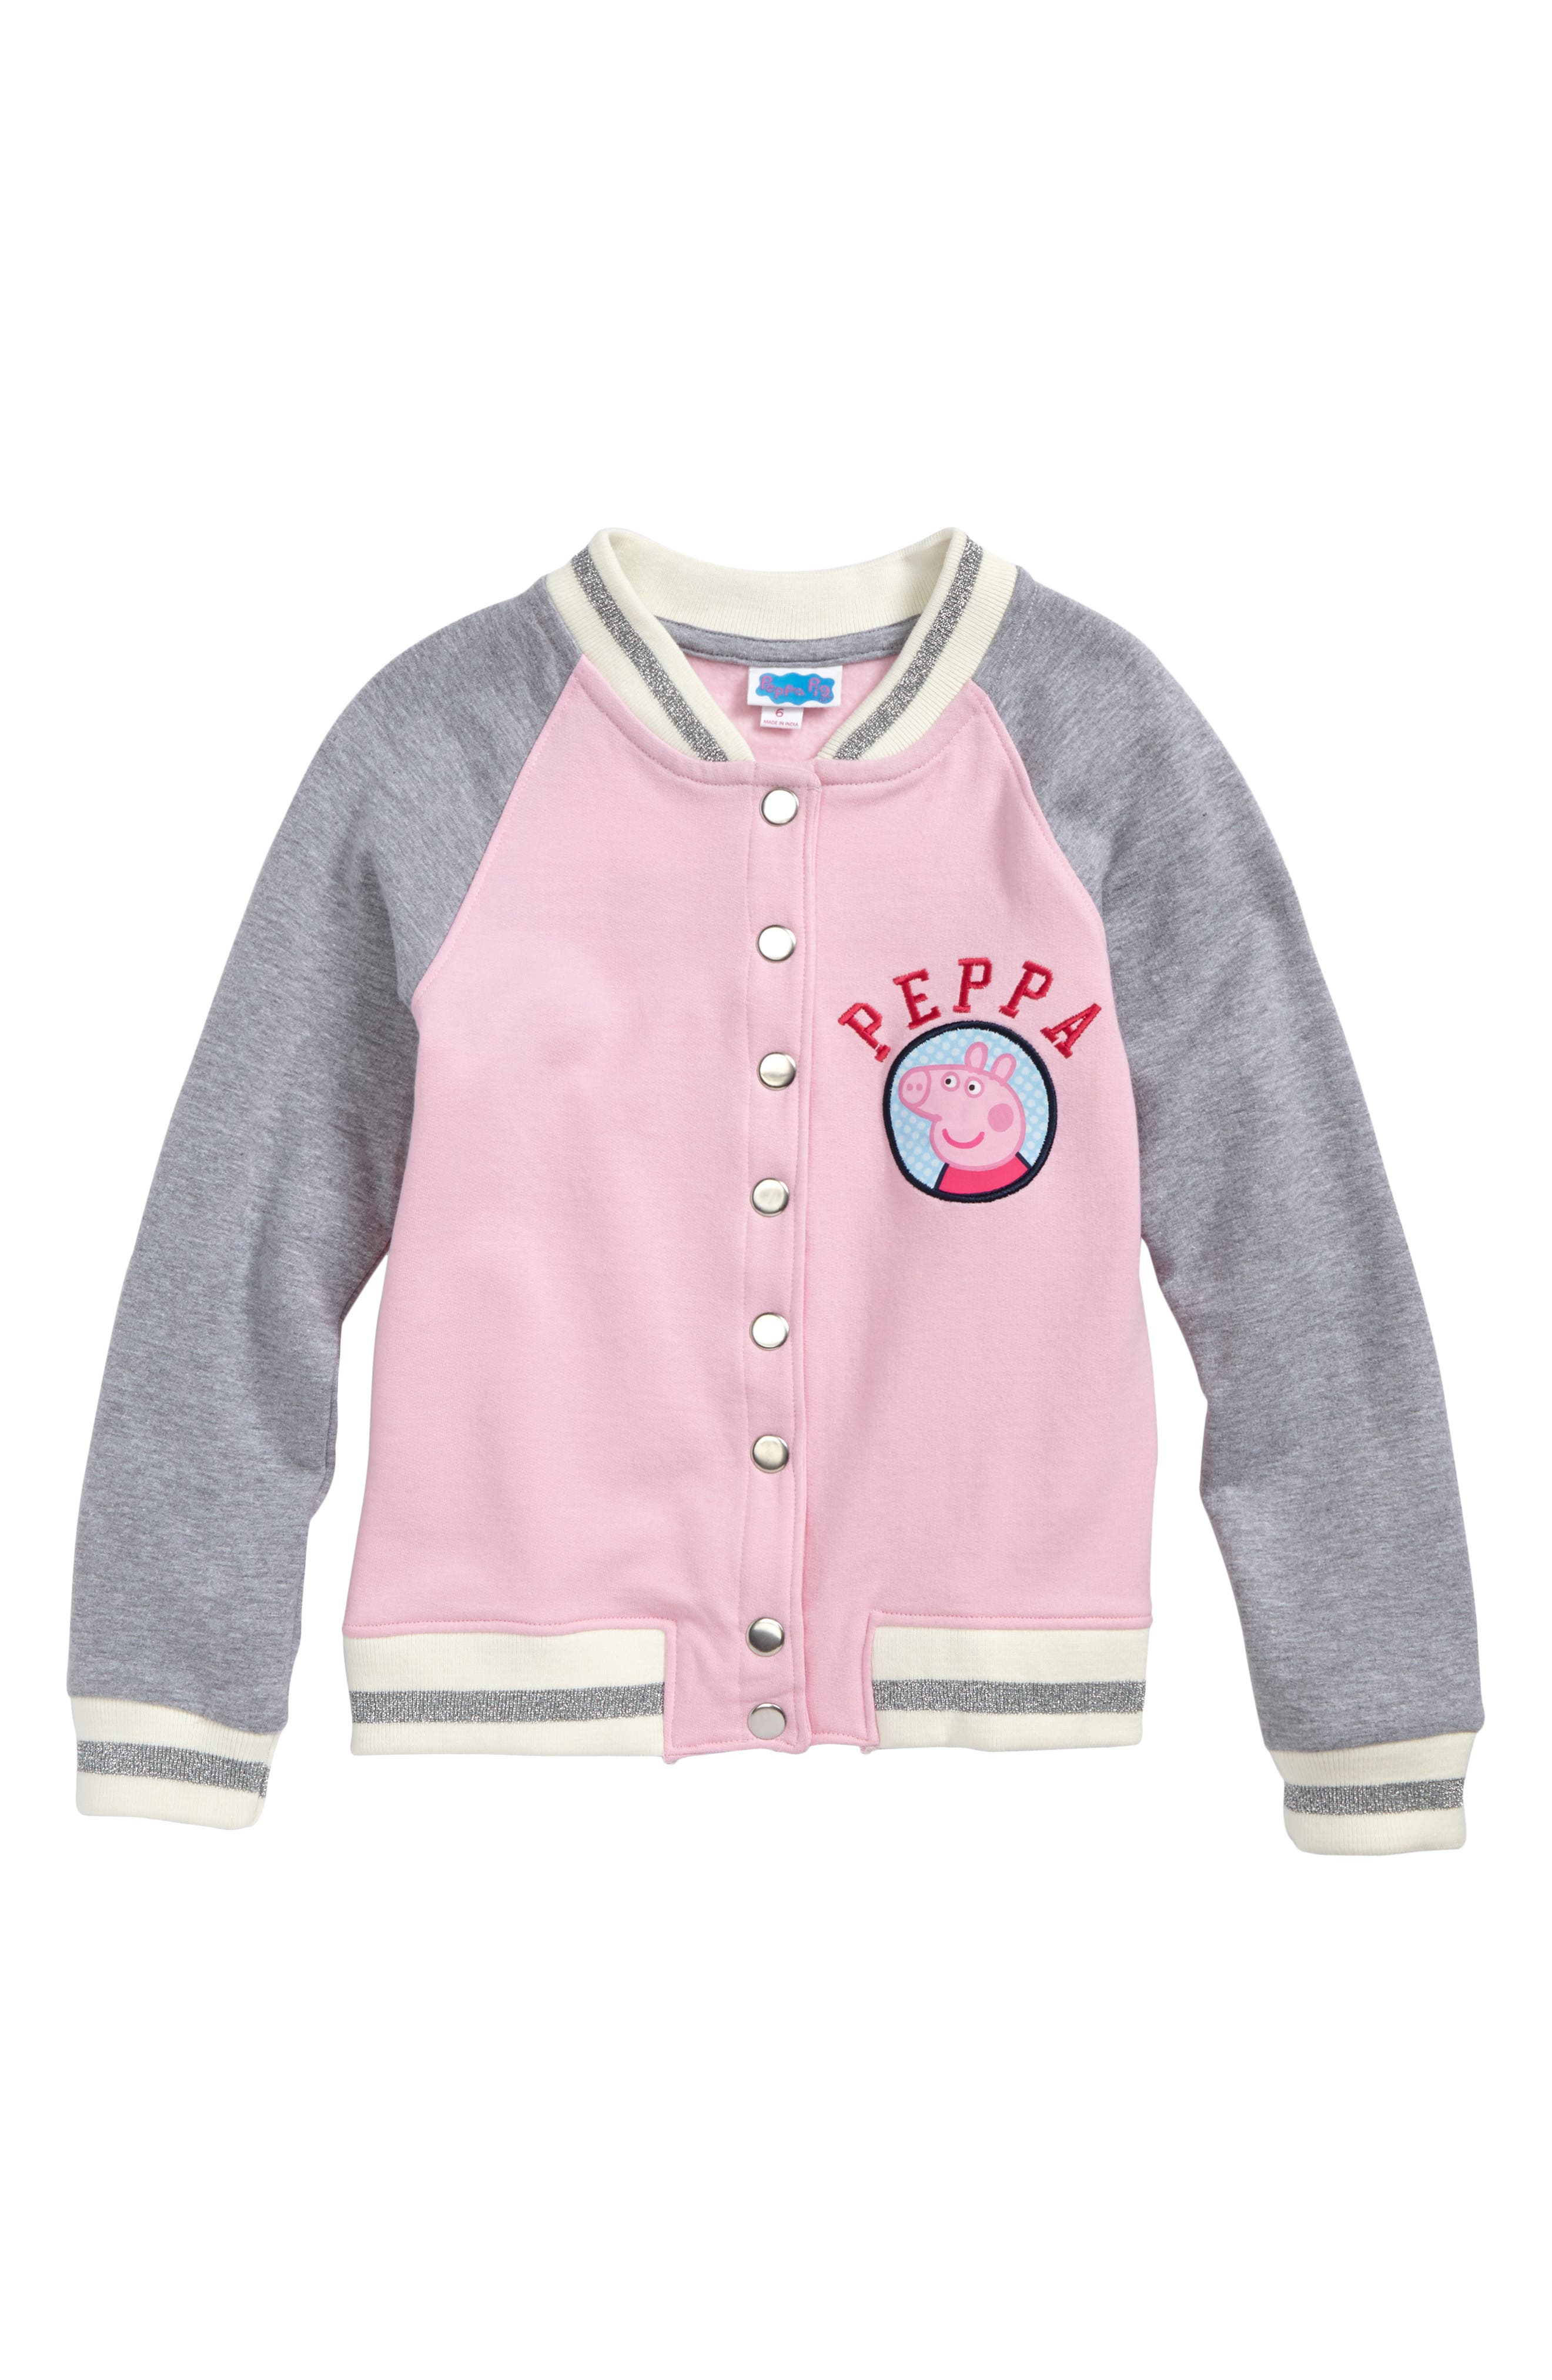 Peppa Pig Varsity Jacket,                             Main thumbnail 1, color,                             650